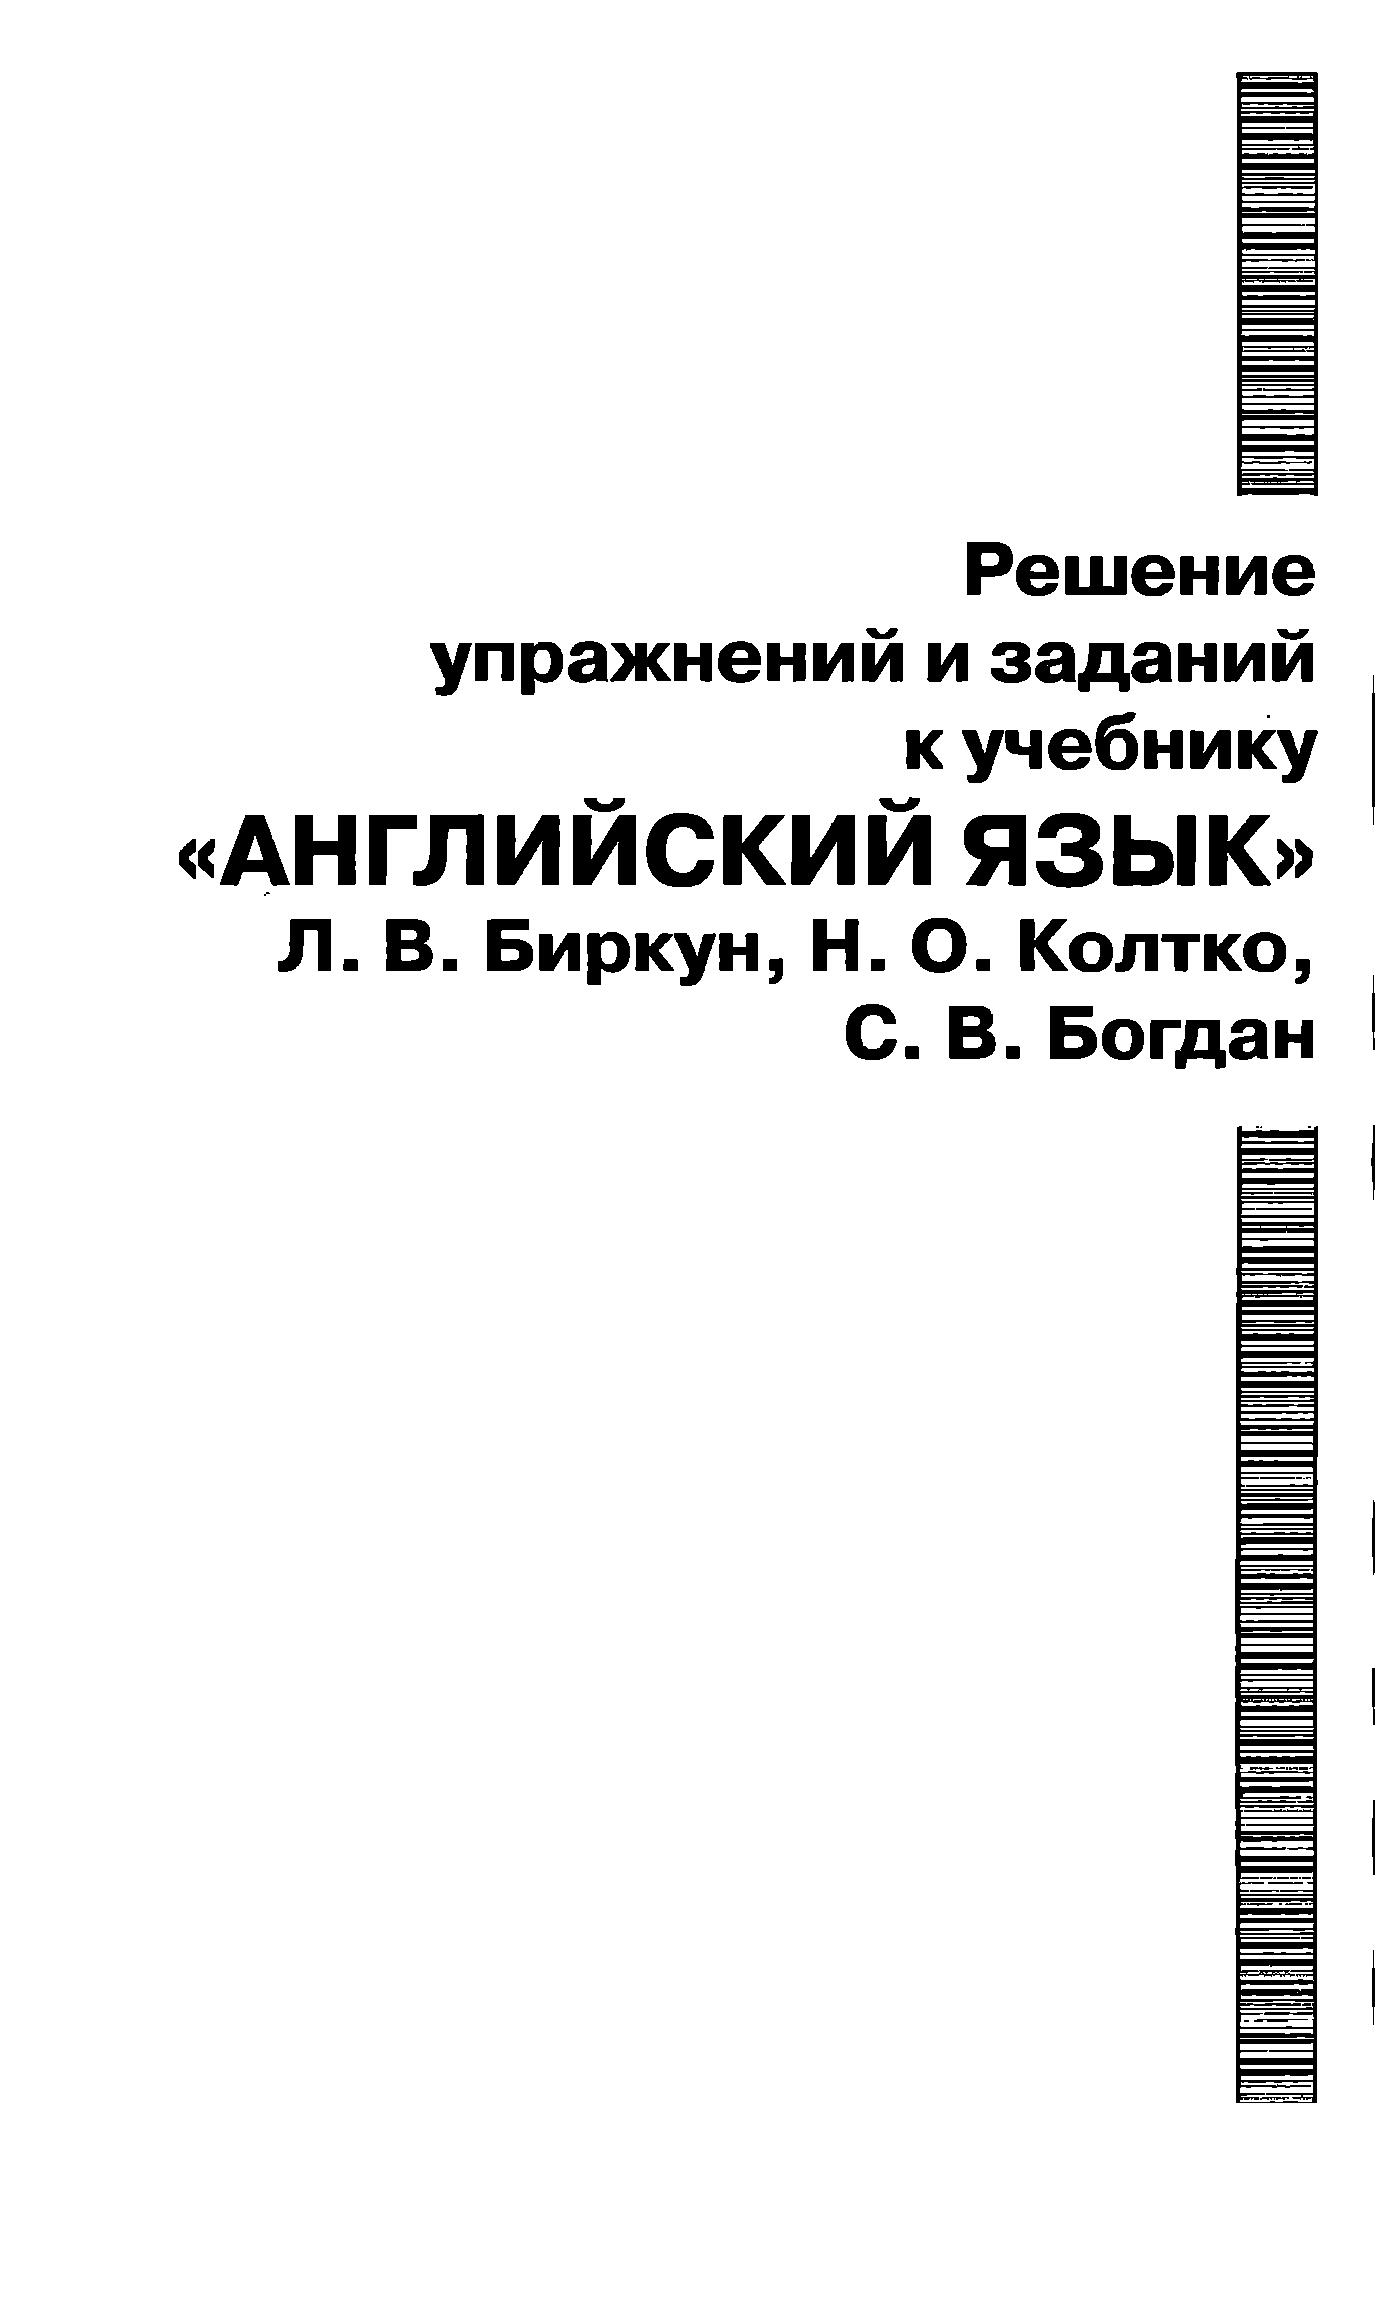 Решебник по 6 Класс по русскому языку Разумовская Дрофа 2013